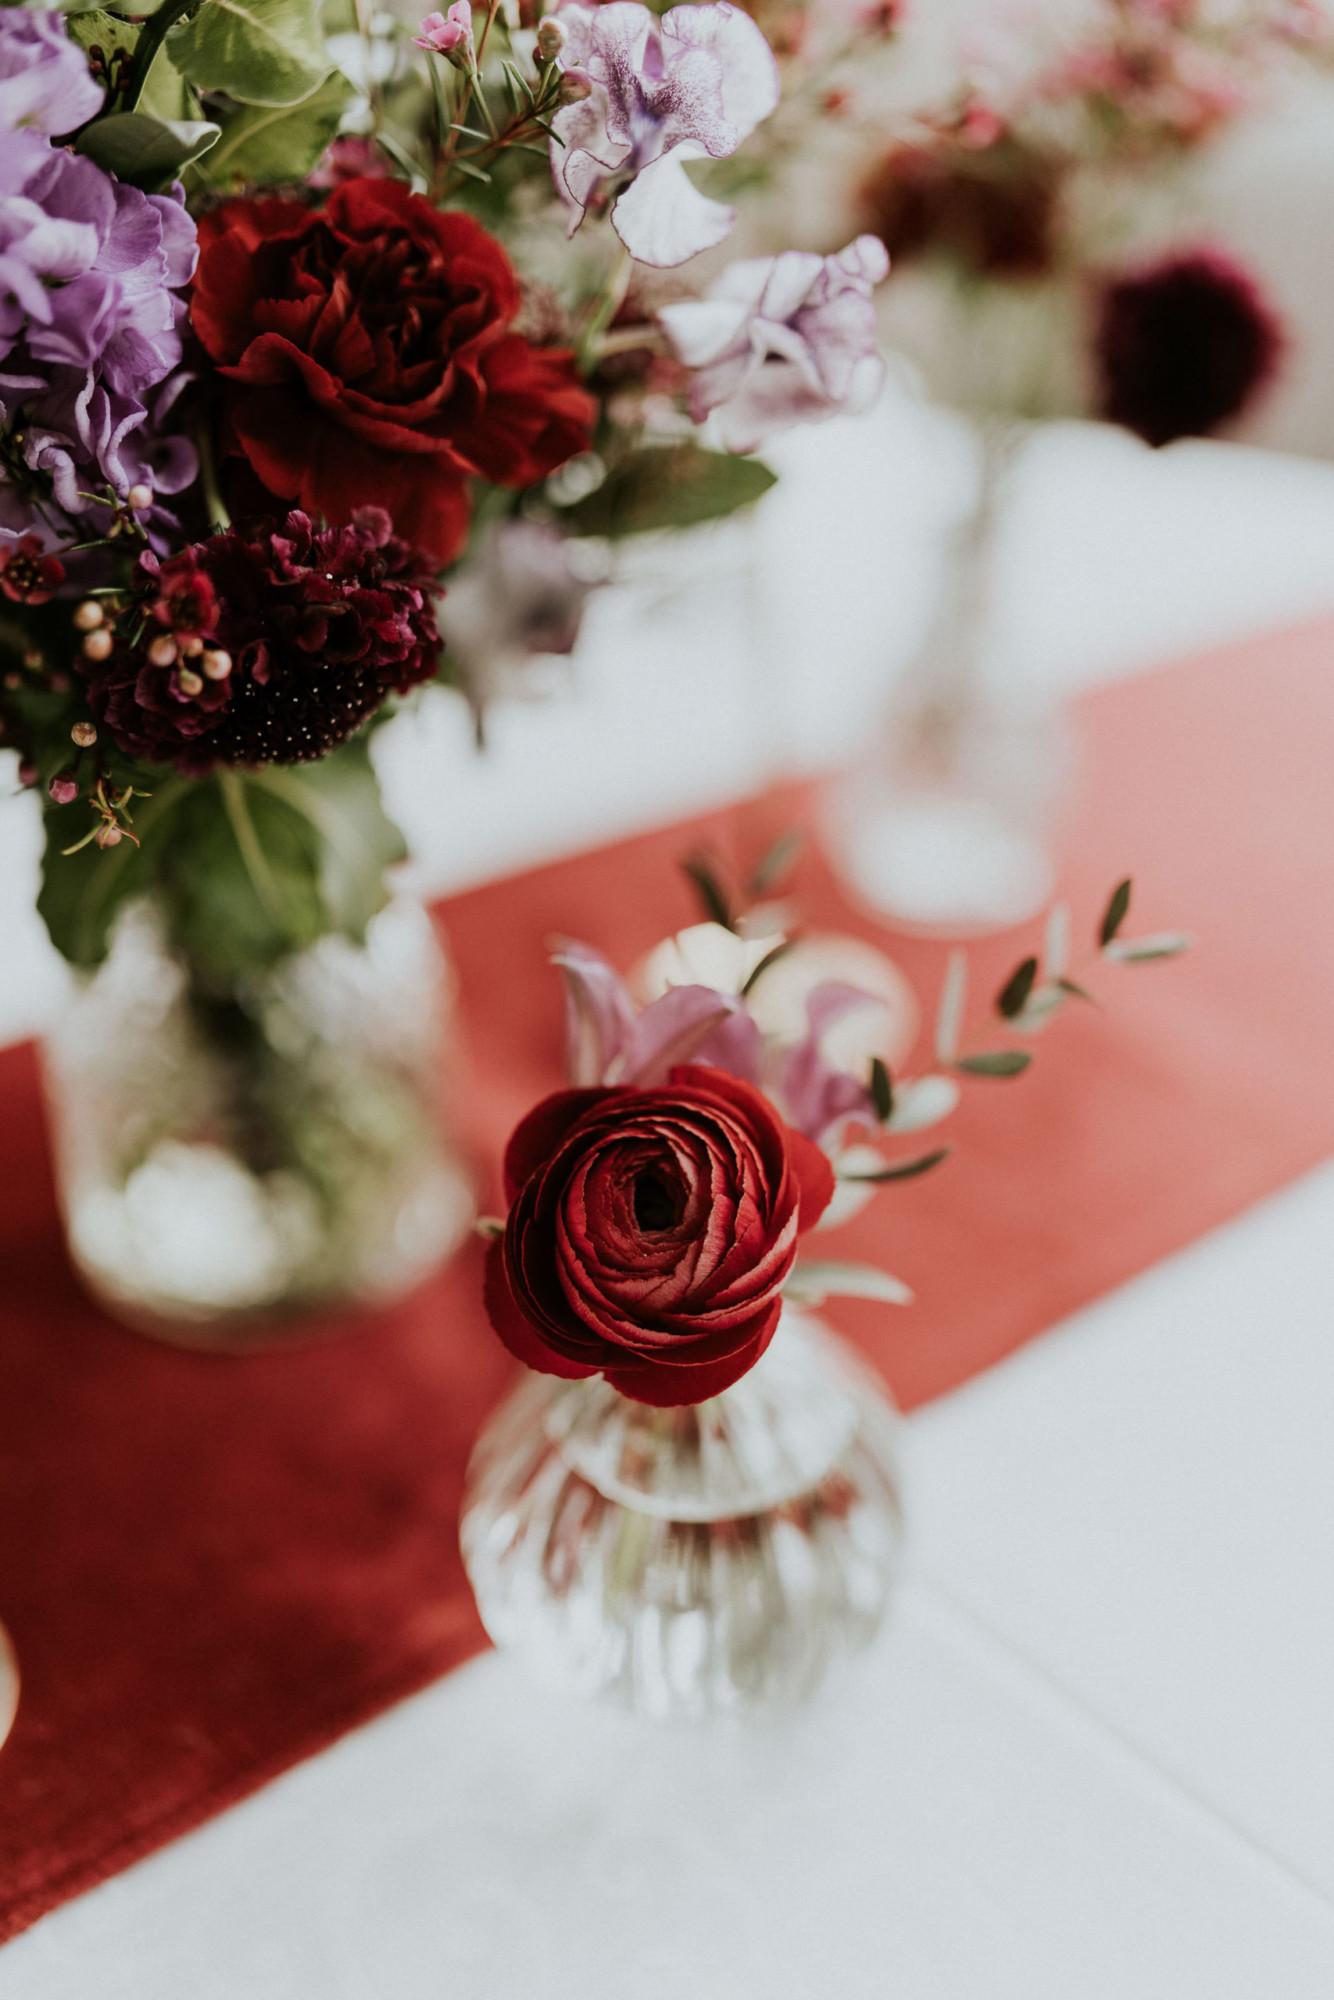 Fleuriste mariage, design floral, mariage à paris, décoratrice paris, mariage sur les toits de paris, red velvet, rouge velours, mariage, centre de table